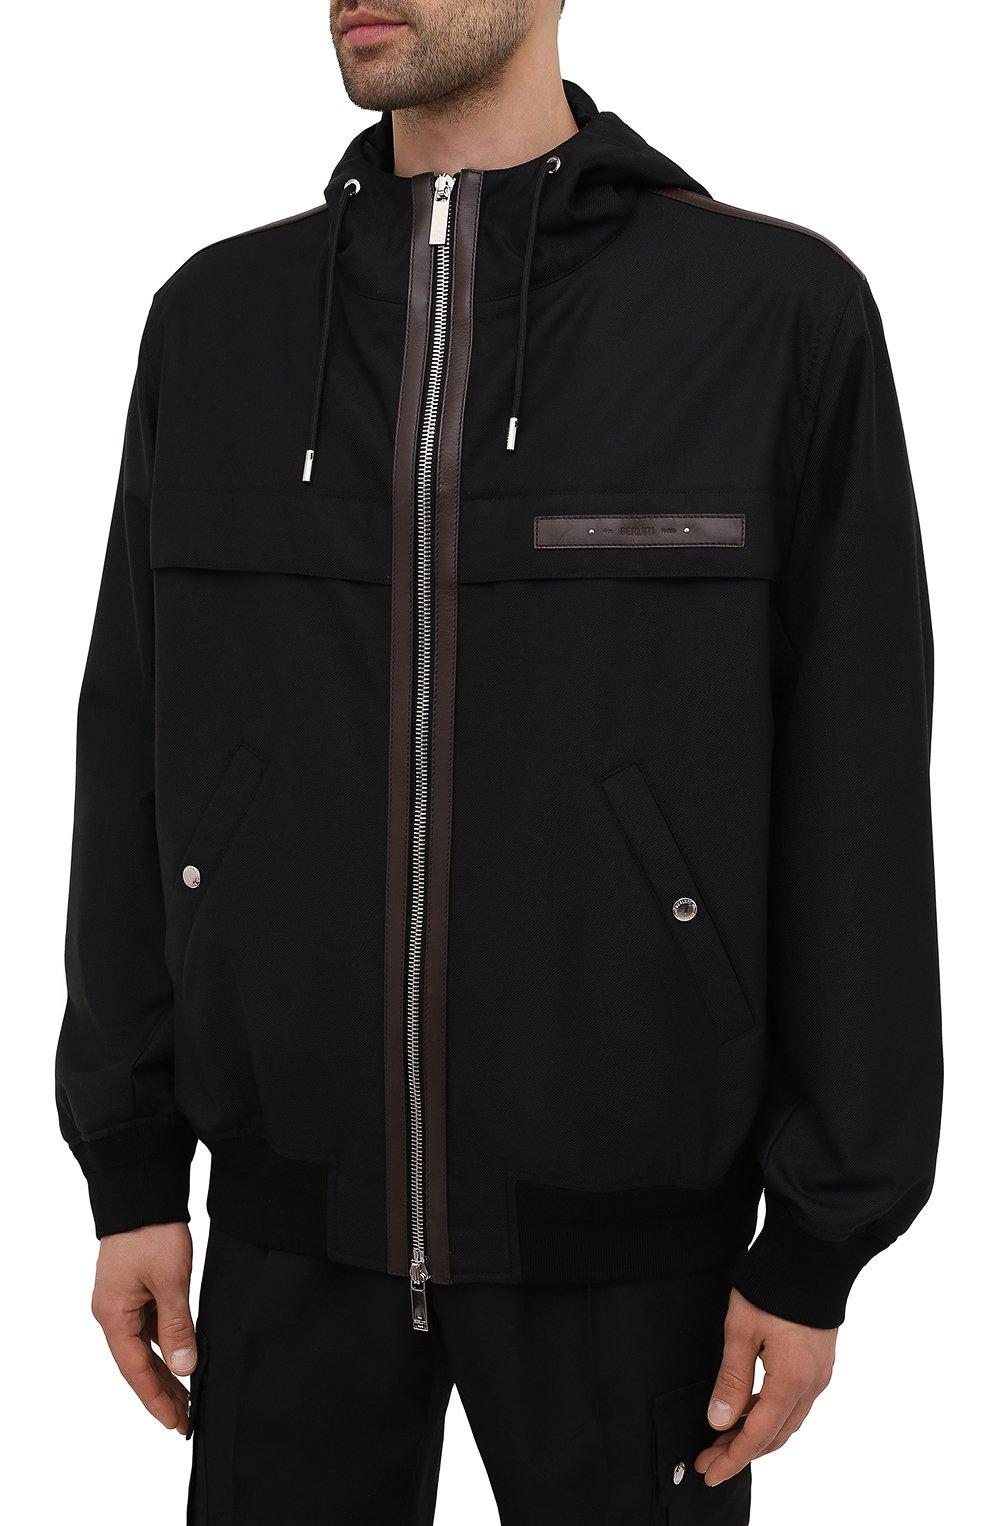 Мужской бомбер BERLUTI черного цвета, арт. R200BL102-001   Фото 3 (Кросс-КТ: Куртка; Материал внешний: Шерсть, Синтетический материал; Рукава: Длинные; Принт: Без принта; Длина (верхняя одежда): Короткие; Материал подклада: Купро; Стили: Кэжуэл)